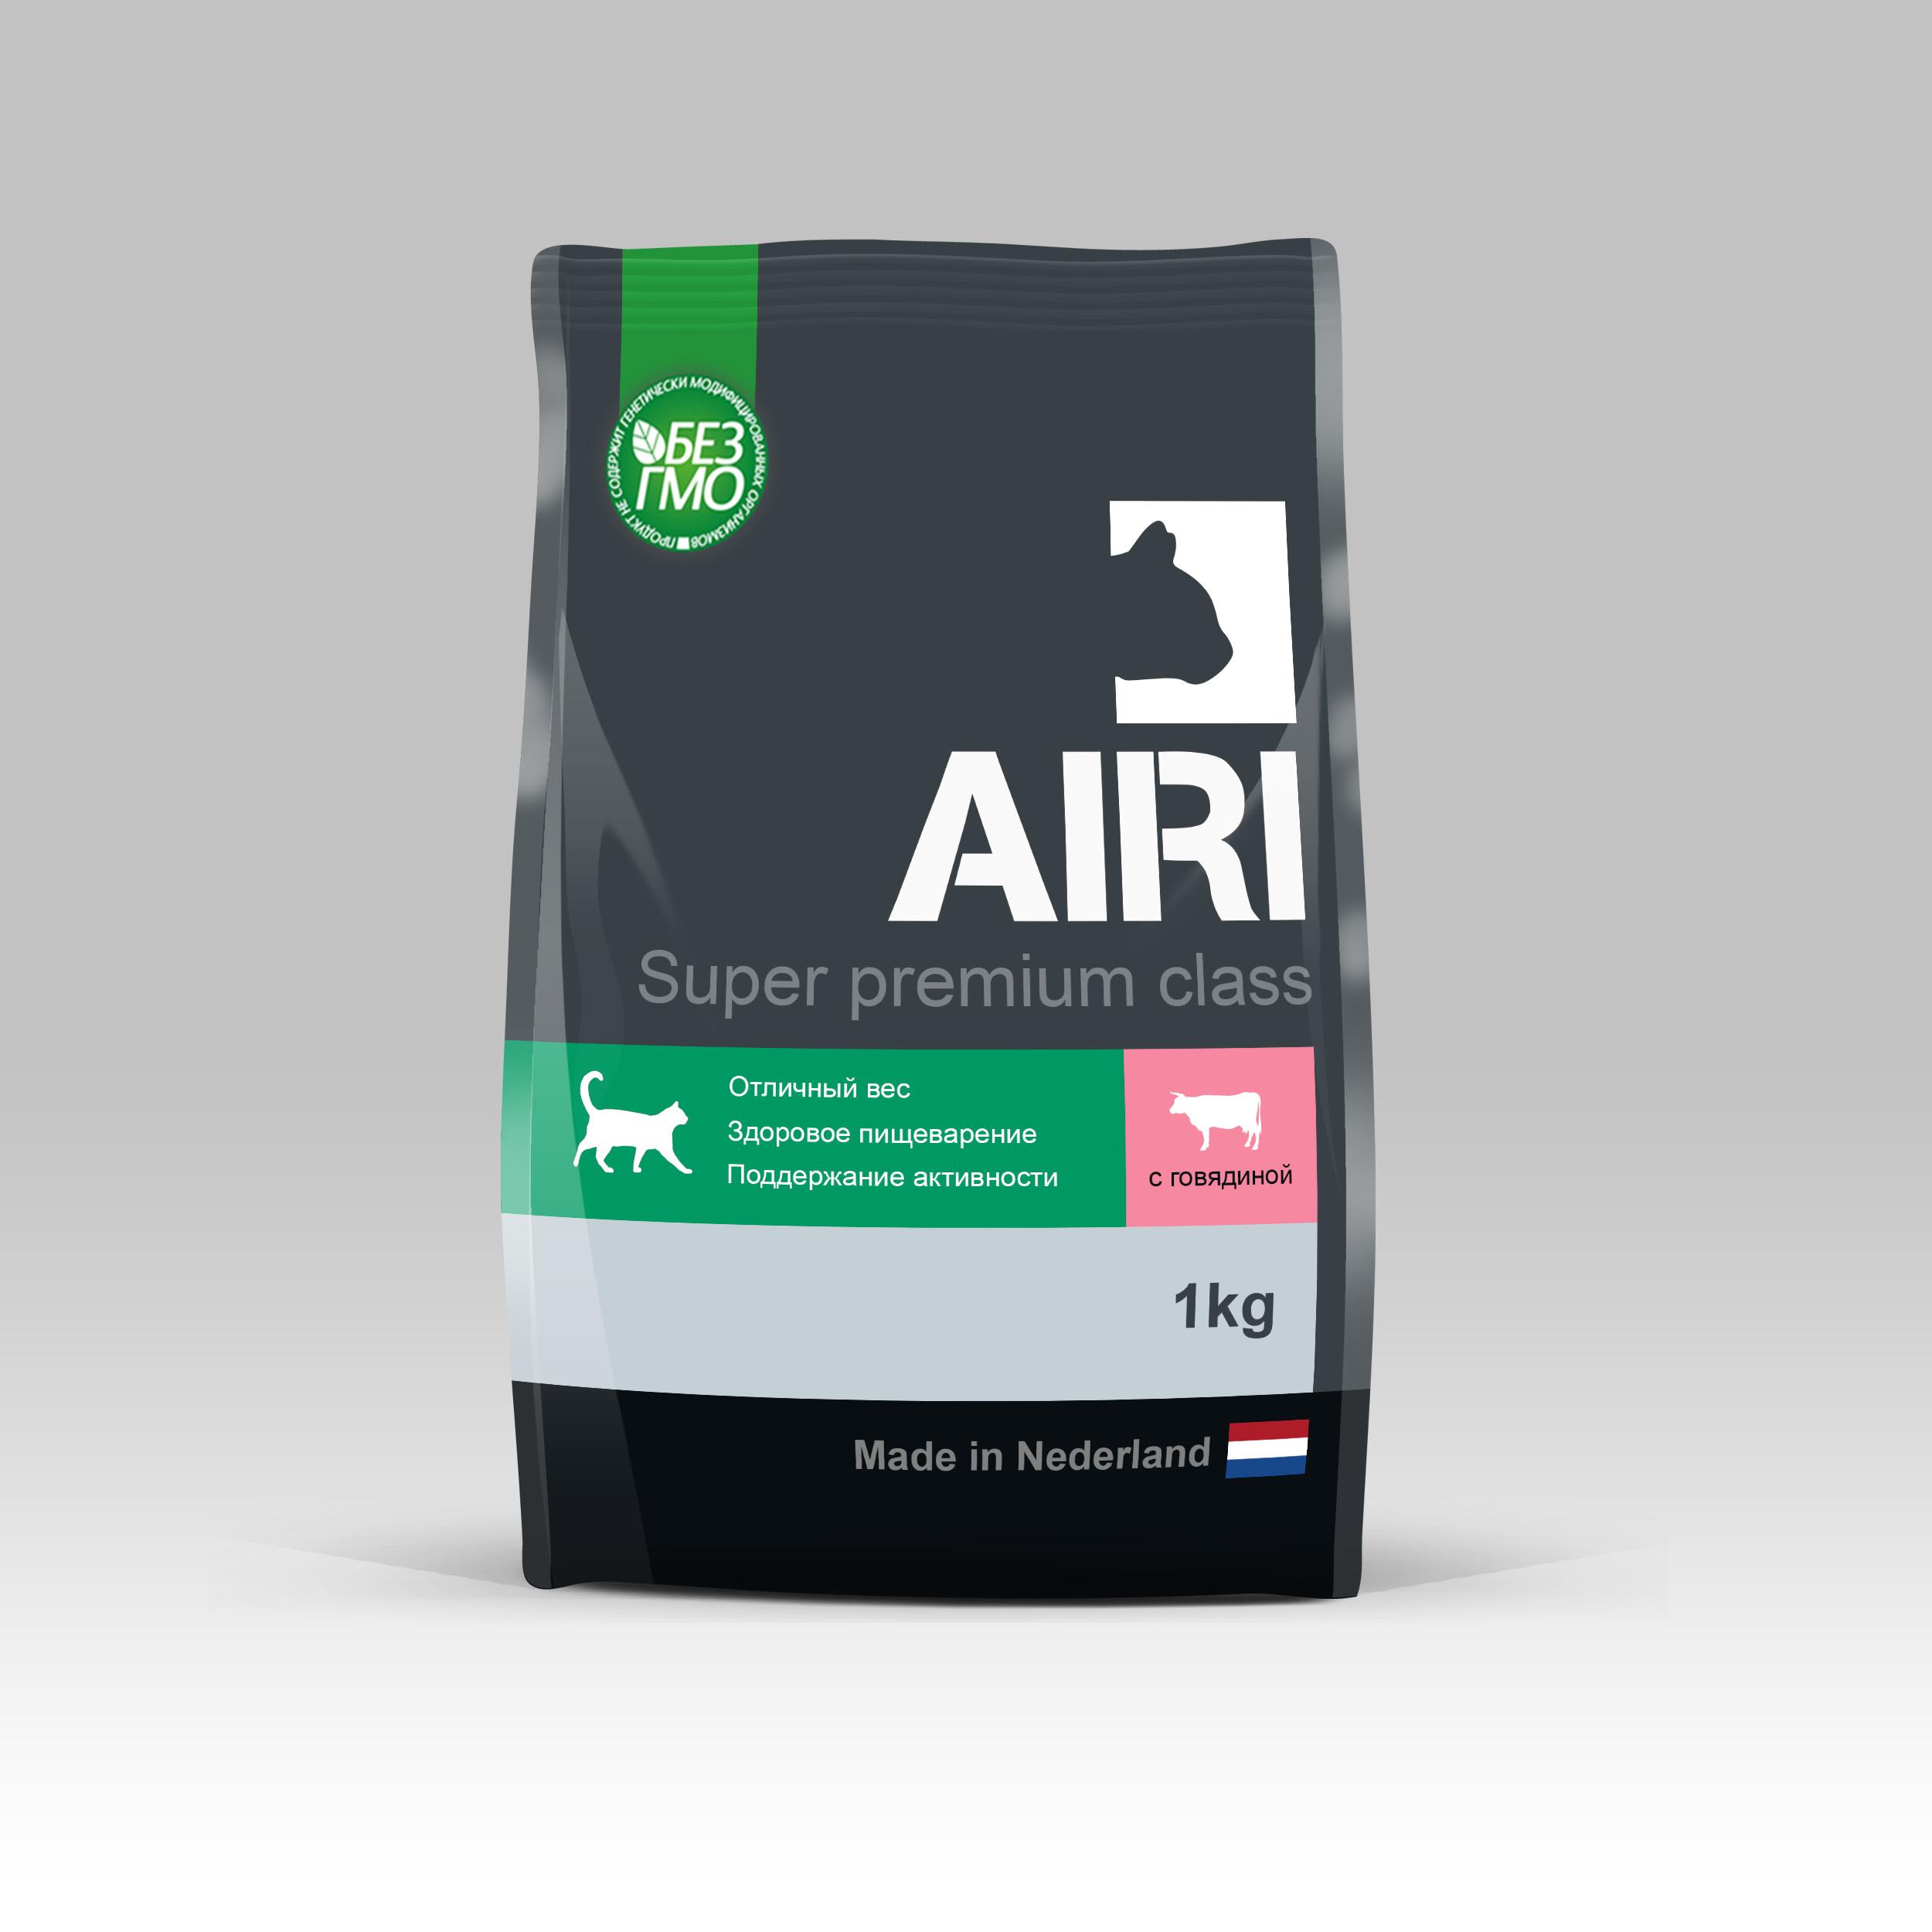 Создание дизайна упаковки для кормов для животных. фото f_3635ada8ba5be8a9.jpg